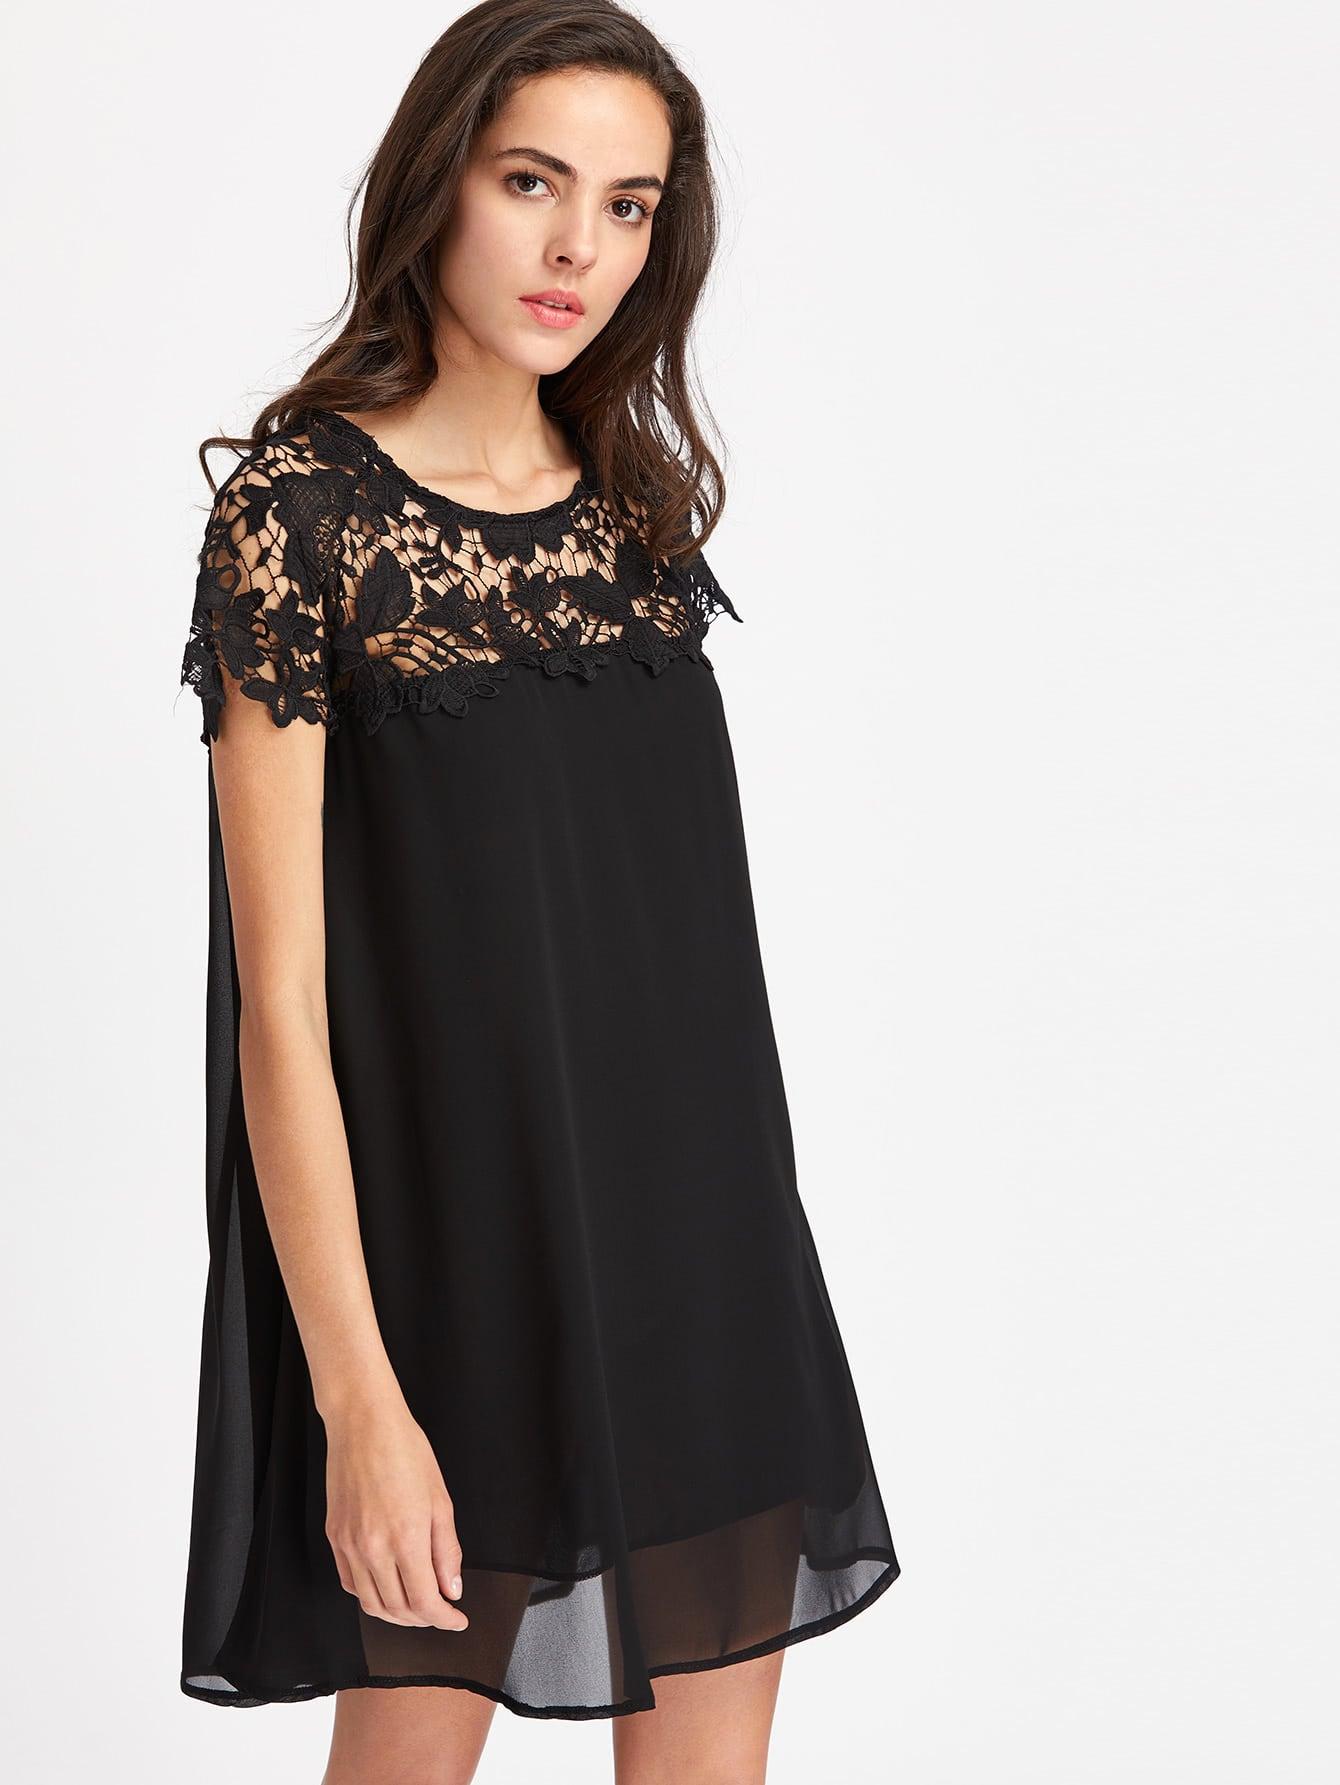 Contrast Crochet Lace Chiffon Dress